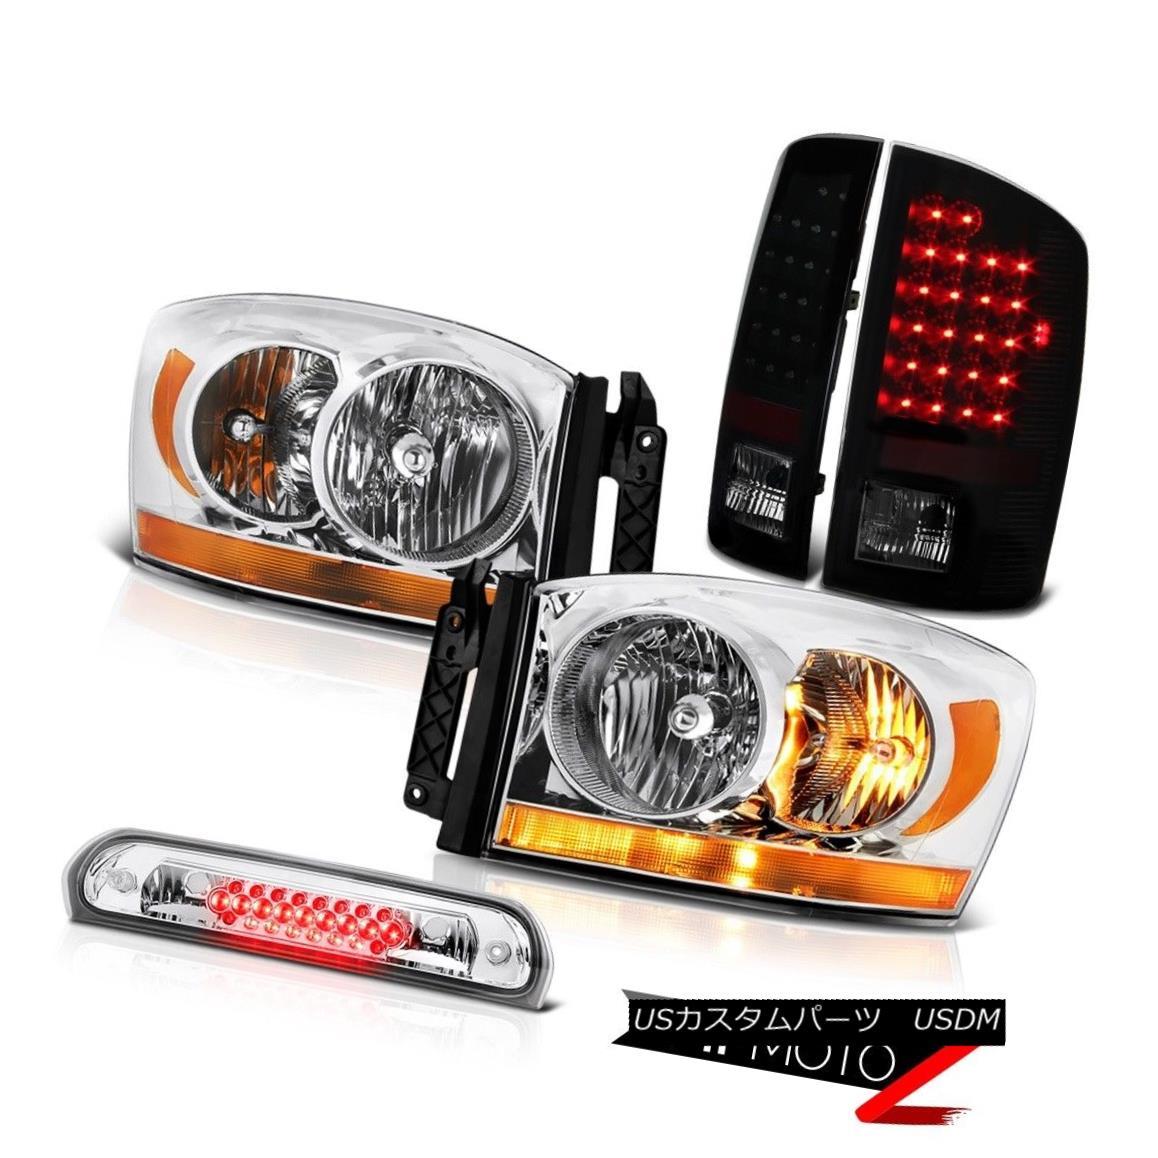 テールライト 2006 Ram 5.9L Clear Chrome Headlights Roof Cab Lamp Smoke Tinted Taillamps LED 2006 Ram 5.9Lクリアクロームヘッドライトルーフキャブランプ煙タイテンプLED